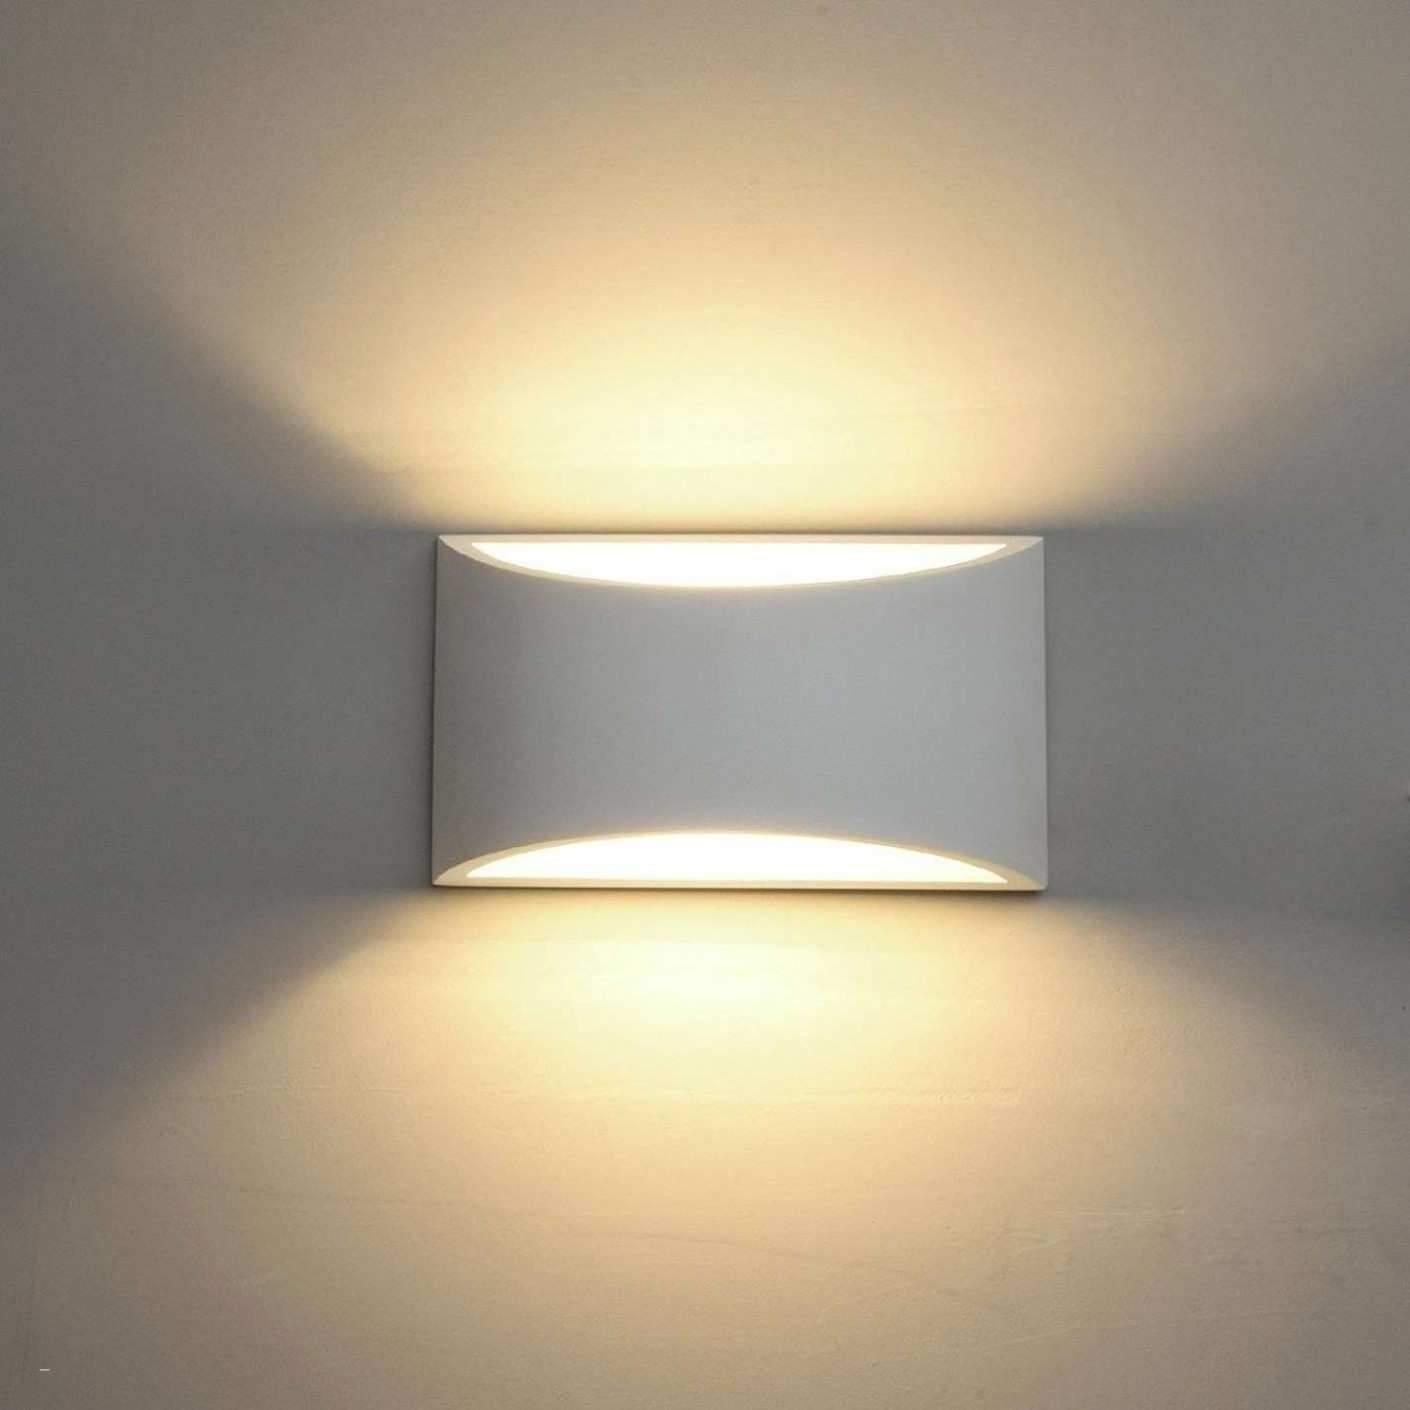 deckenlampe wohnzimmer led einzigartig deckenlampe schlafzimmer 0d archives design von led lampen of deckenlampe wohnzimmer led